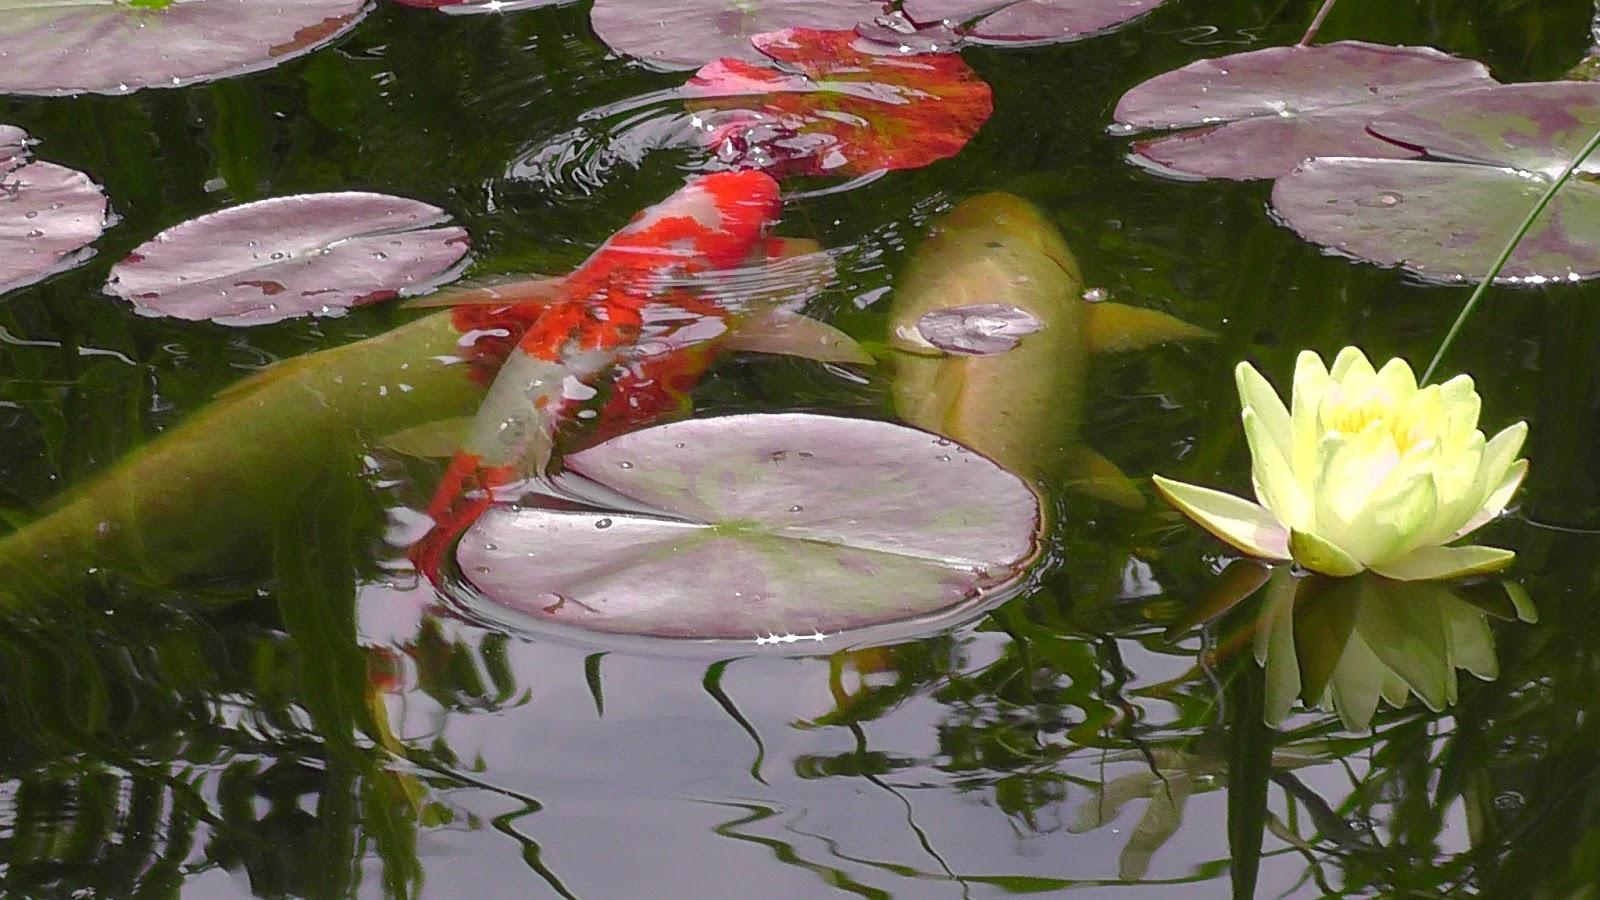 Julchens welt kois und goldfische bereichern meinen for Goldfische gartenteich